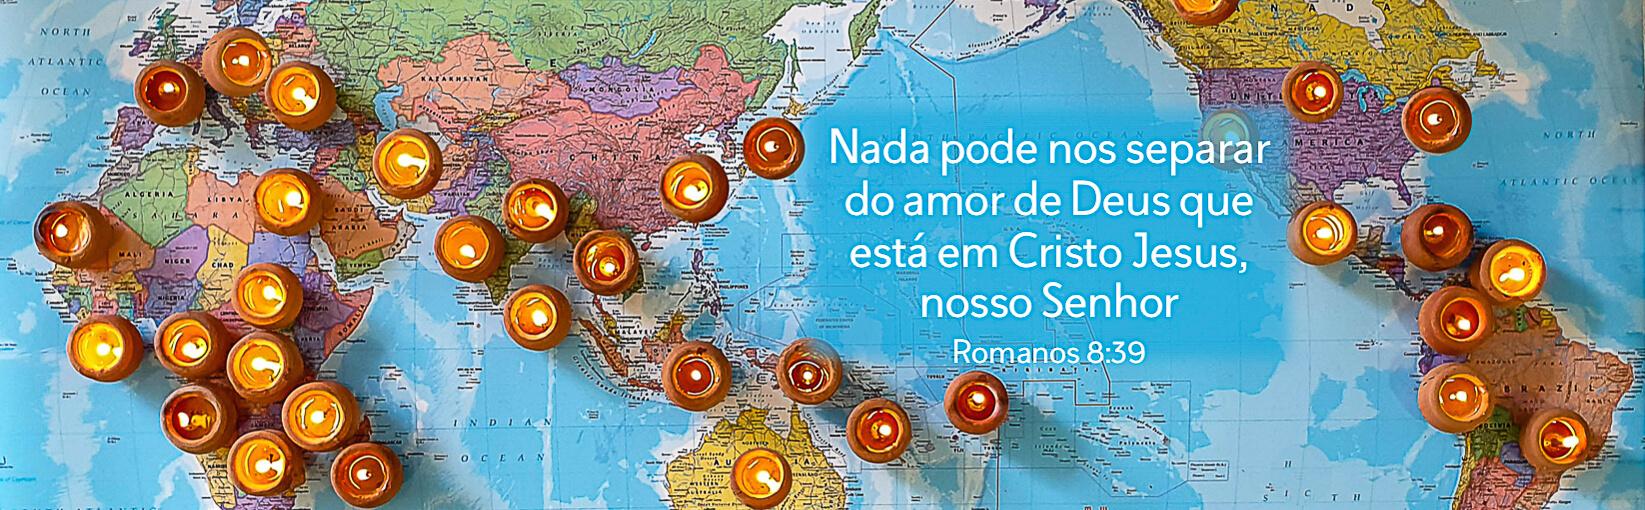 Portuguese slider COVID-19